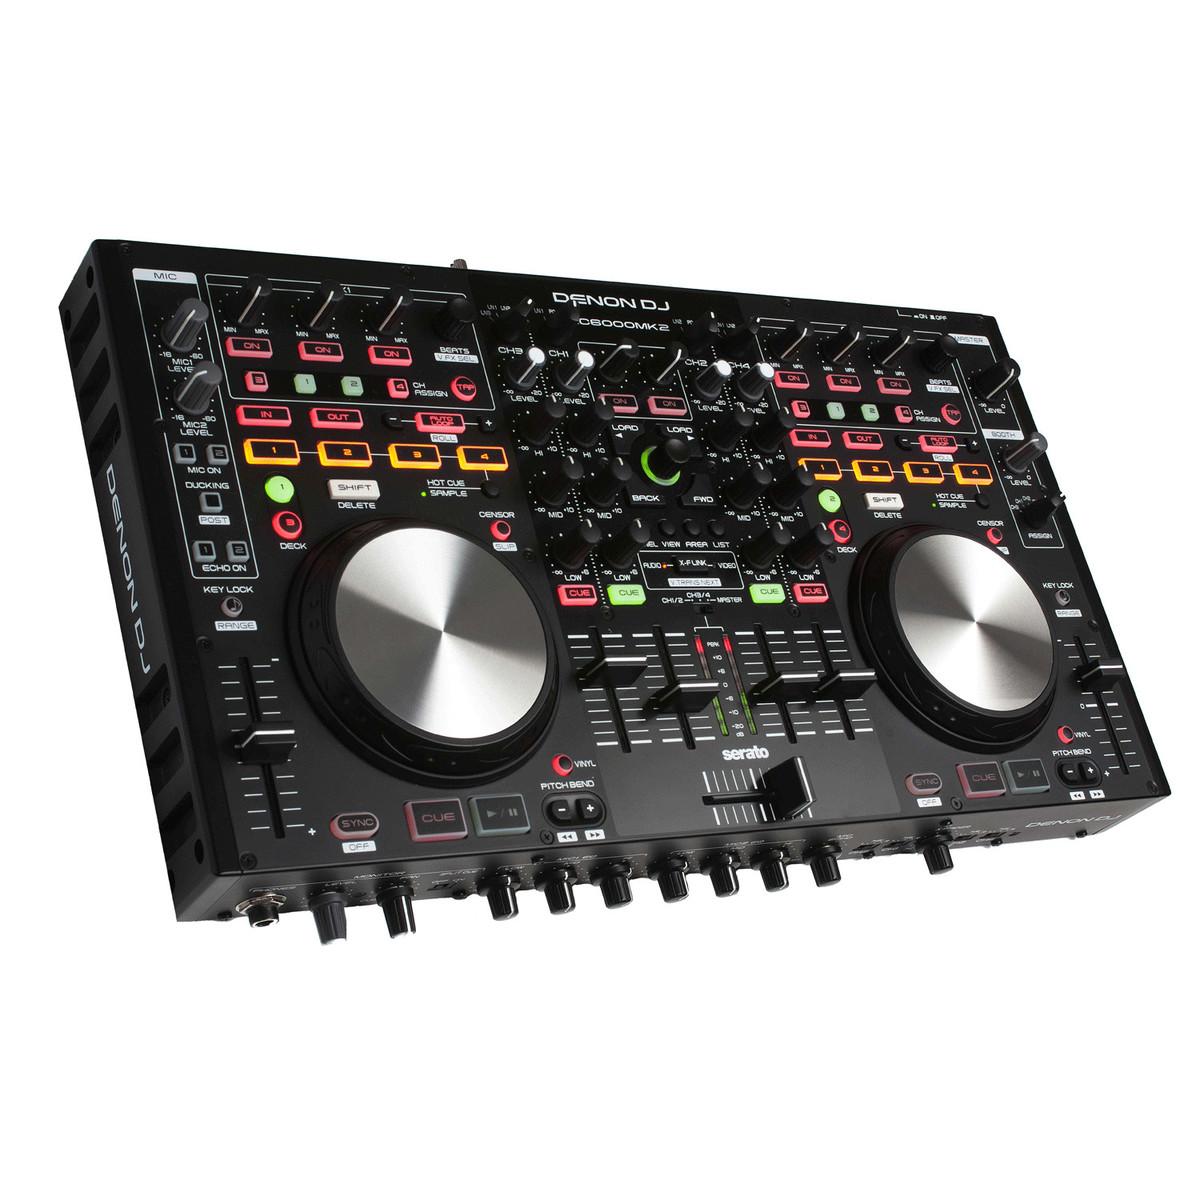 Denon MC6000MK2 Professional 4 Channel DJ Controller - B-Stock